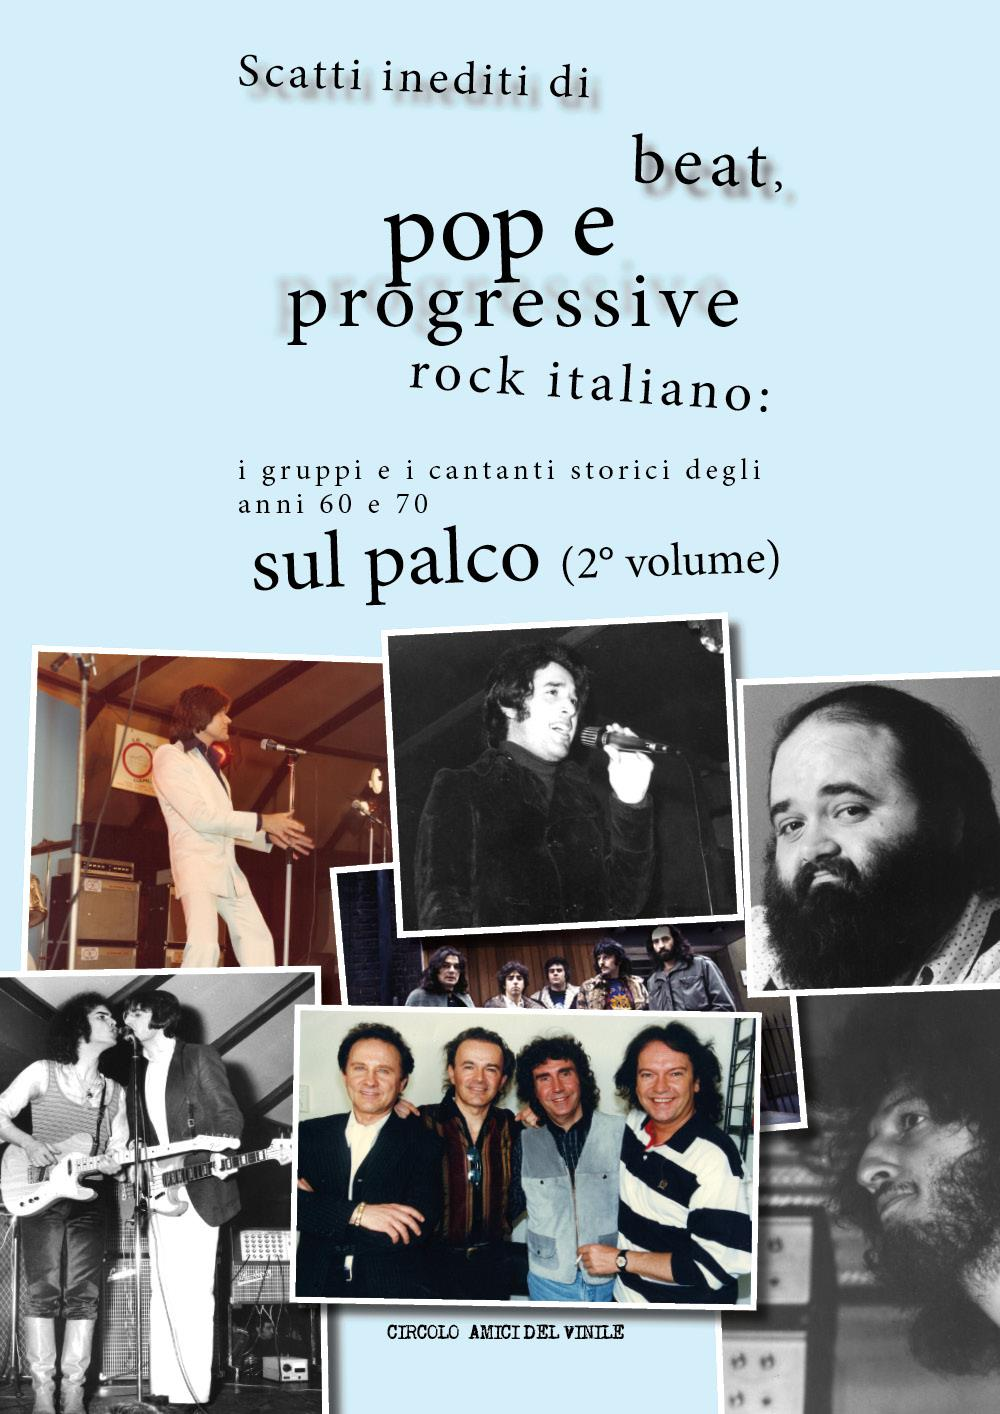 Scatti inediti di beat, pop e progressive rock italiano: i gruppi e i cantanti storici degli anni 60 e 70 sul palco (2° volume)